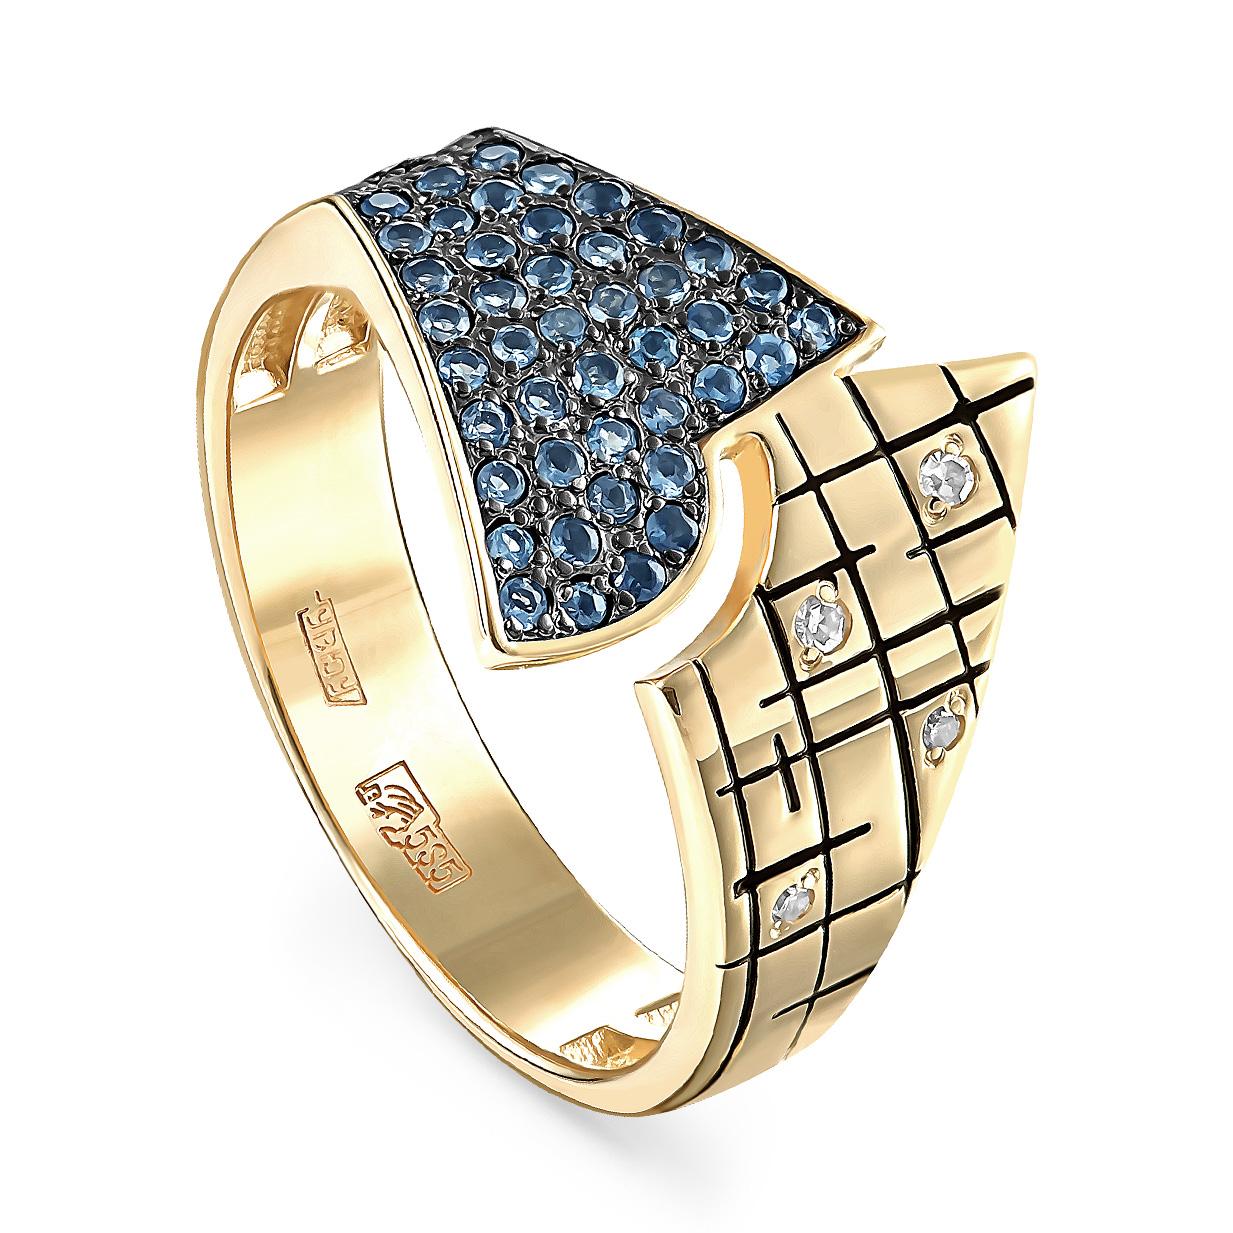 Кольцо из лимонного золота Бриллиант и Топаз арт. 11-21150-2302 11-21150-2302